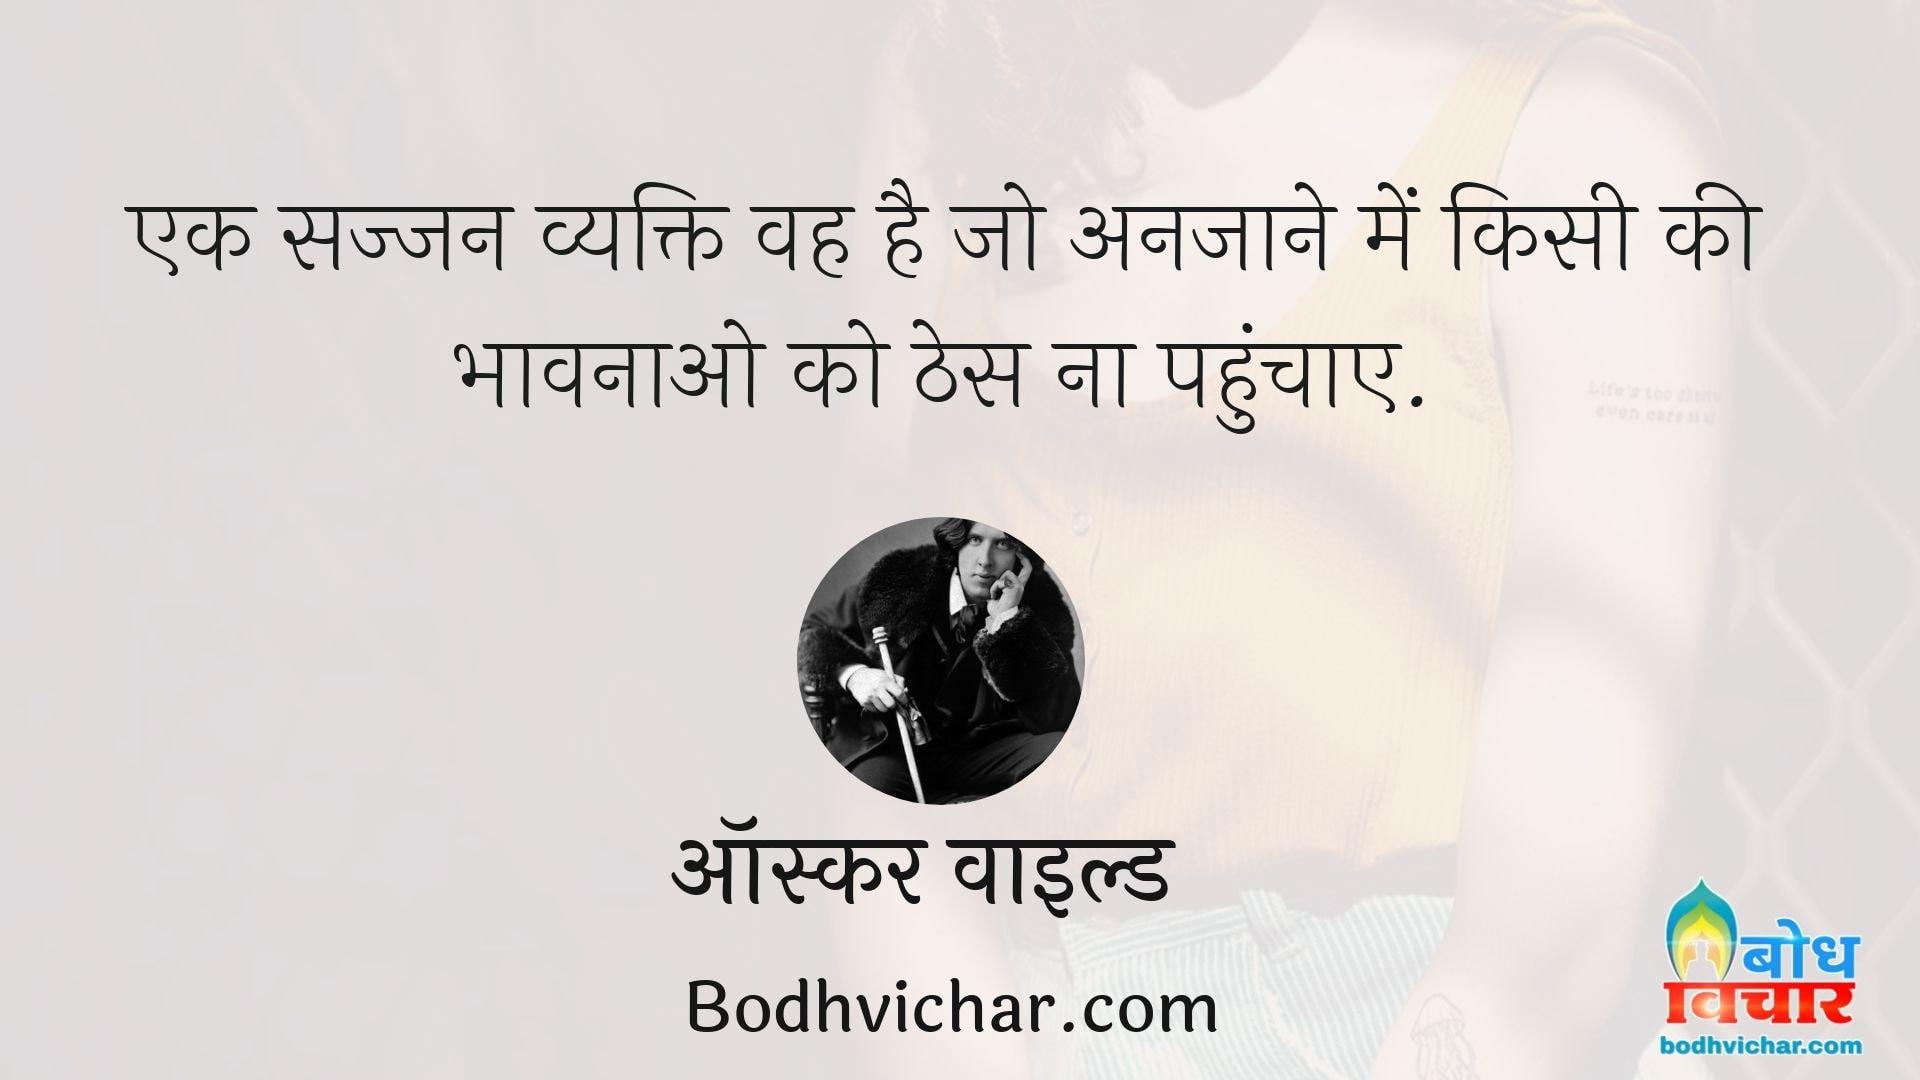 एक सज्जन व्यक्ति वह है जो अनजाने में किसी की भावनाओ को ठेस ना पहुंचाए. : Ek sajjan vyakti vah hai jo anjaane me bhi kisi ki bhavnaao ko thes na pahuchaye - ऑस्कर वाइल्ड